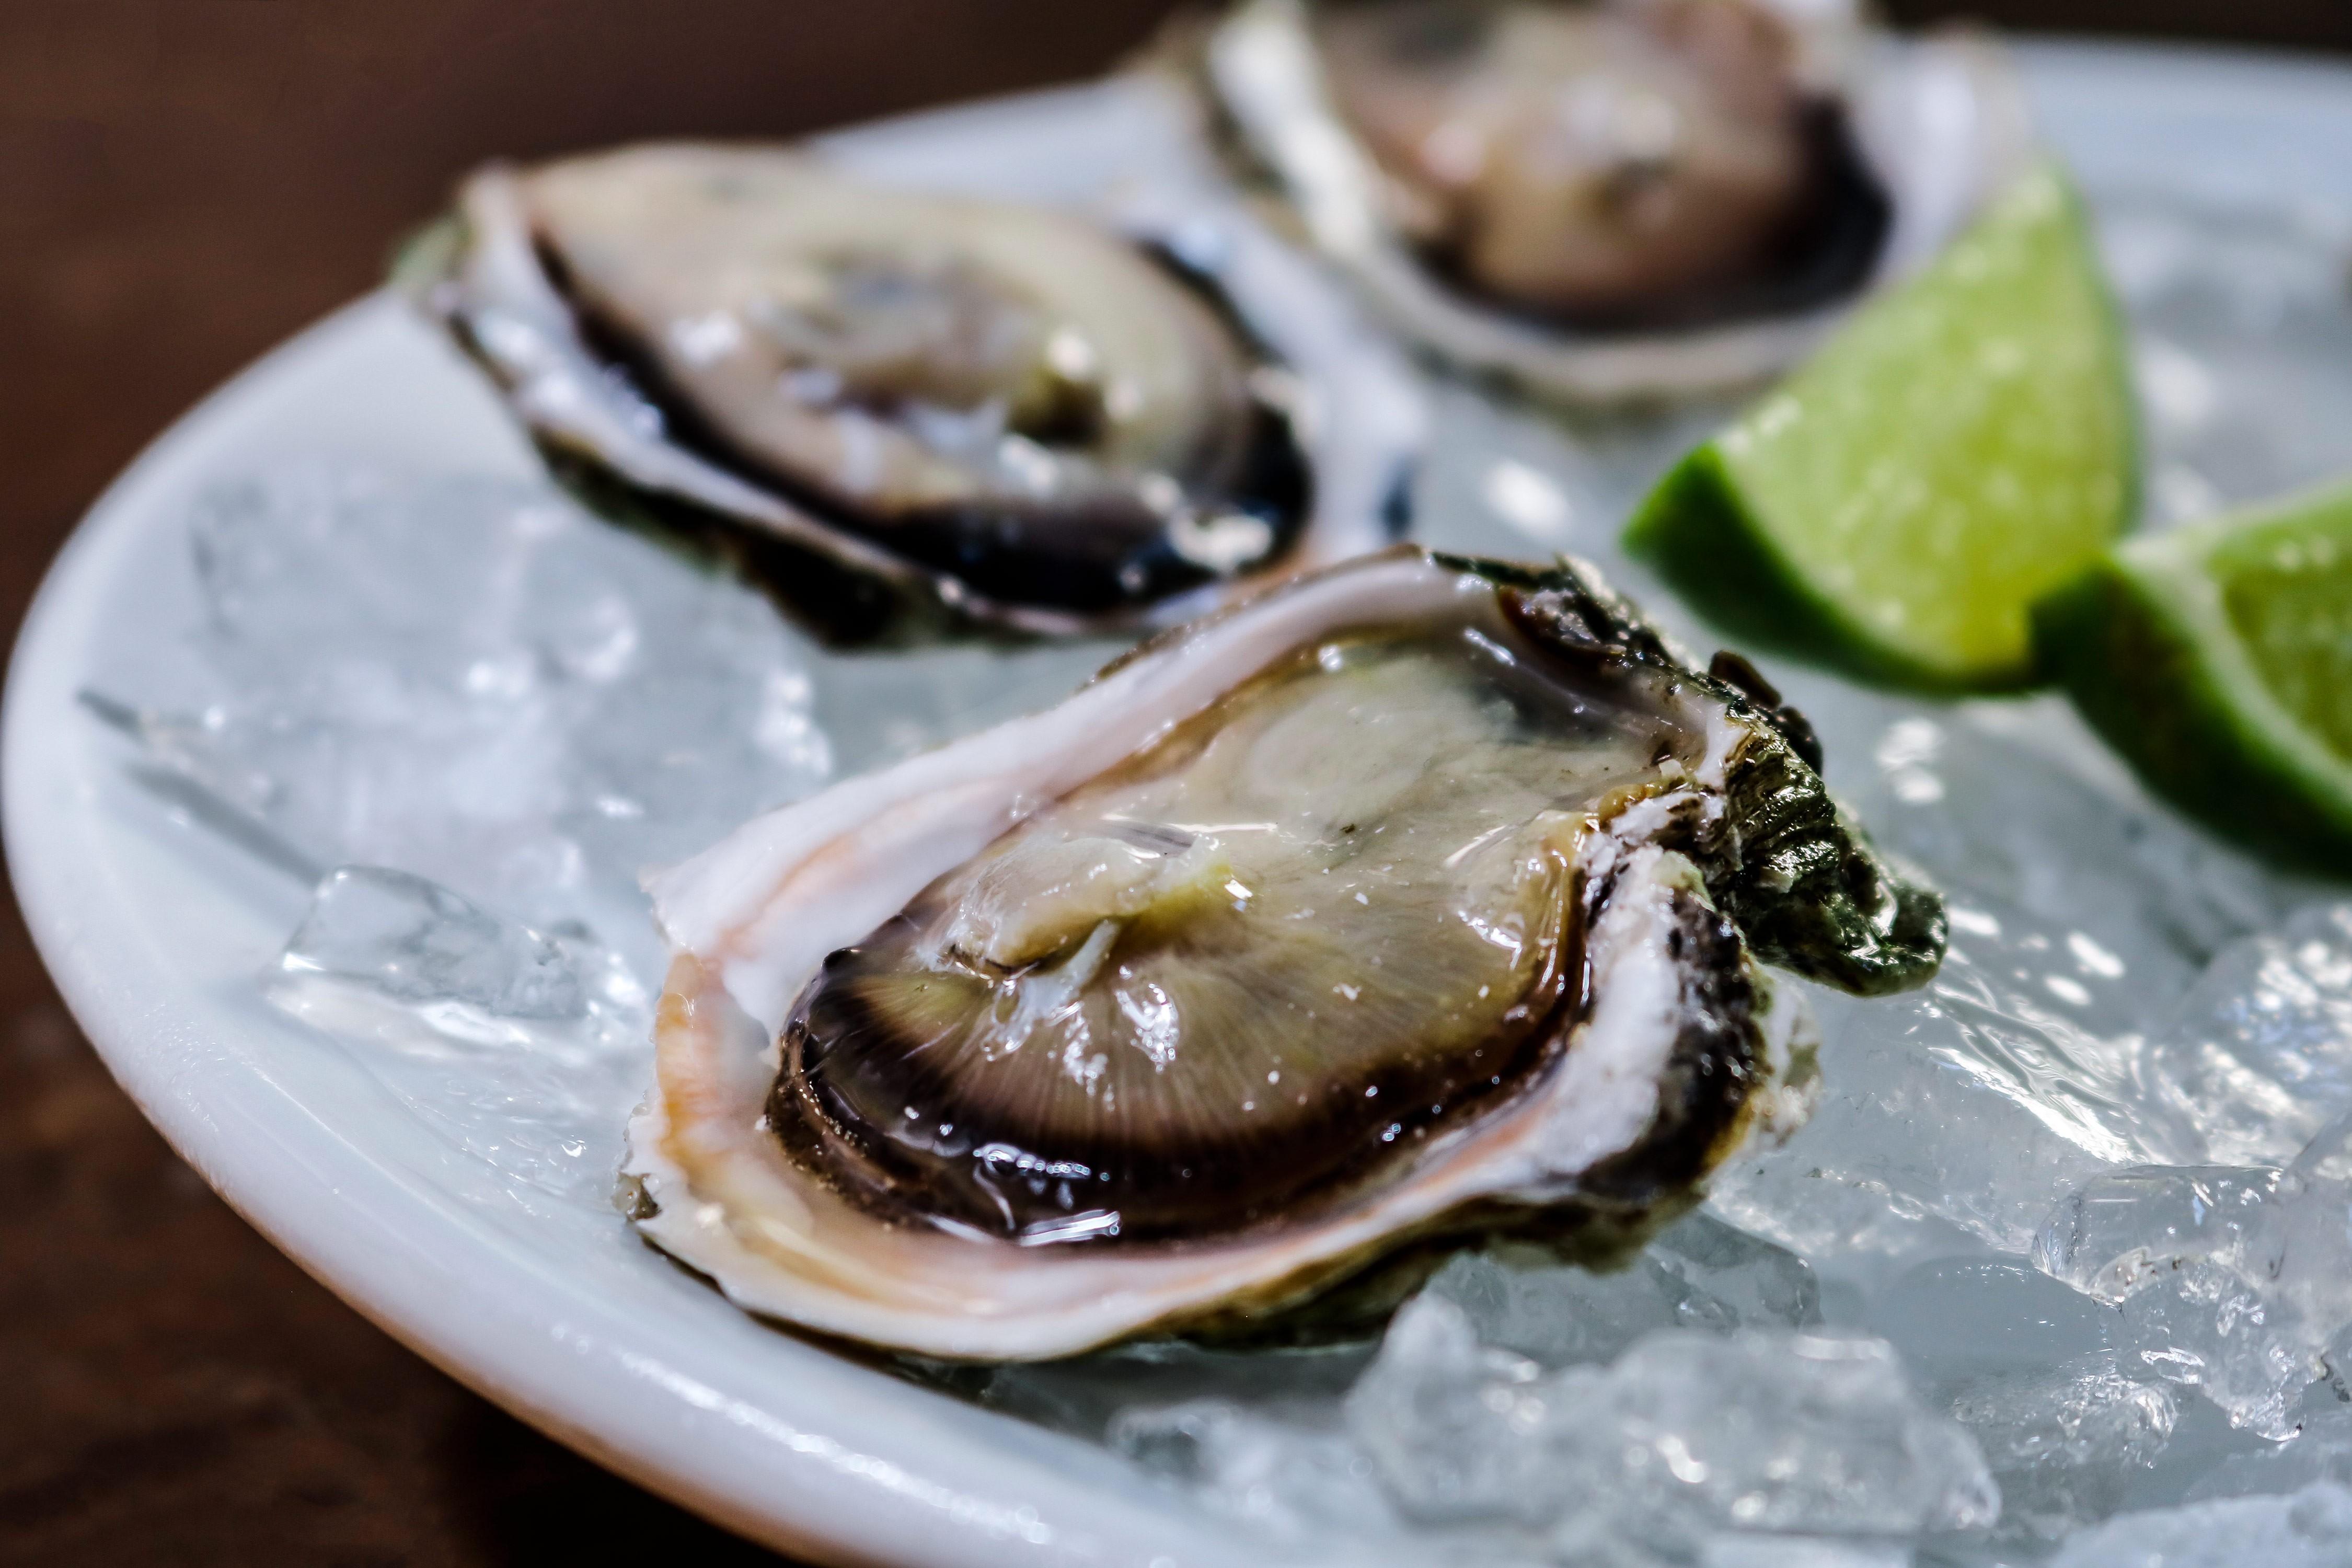 Festival de ostras no Umas & Ostras